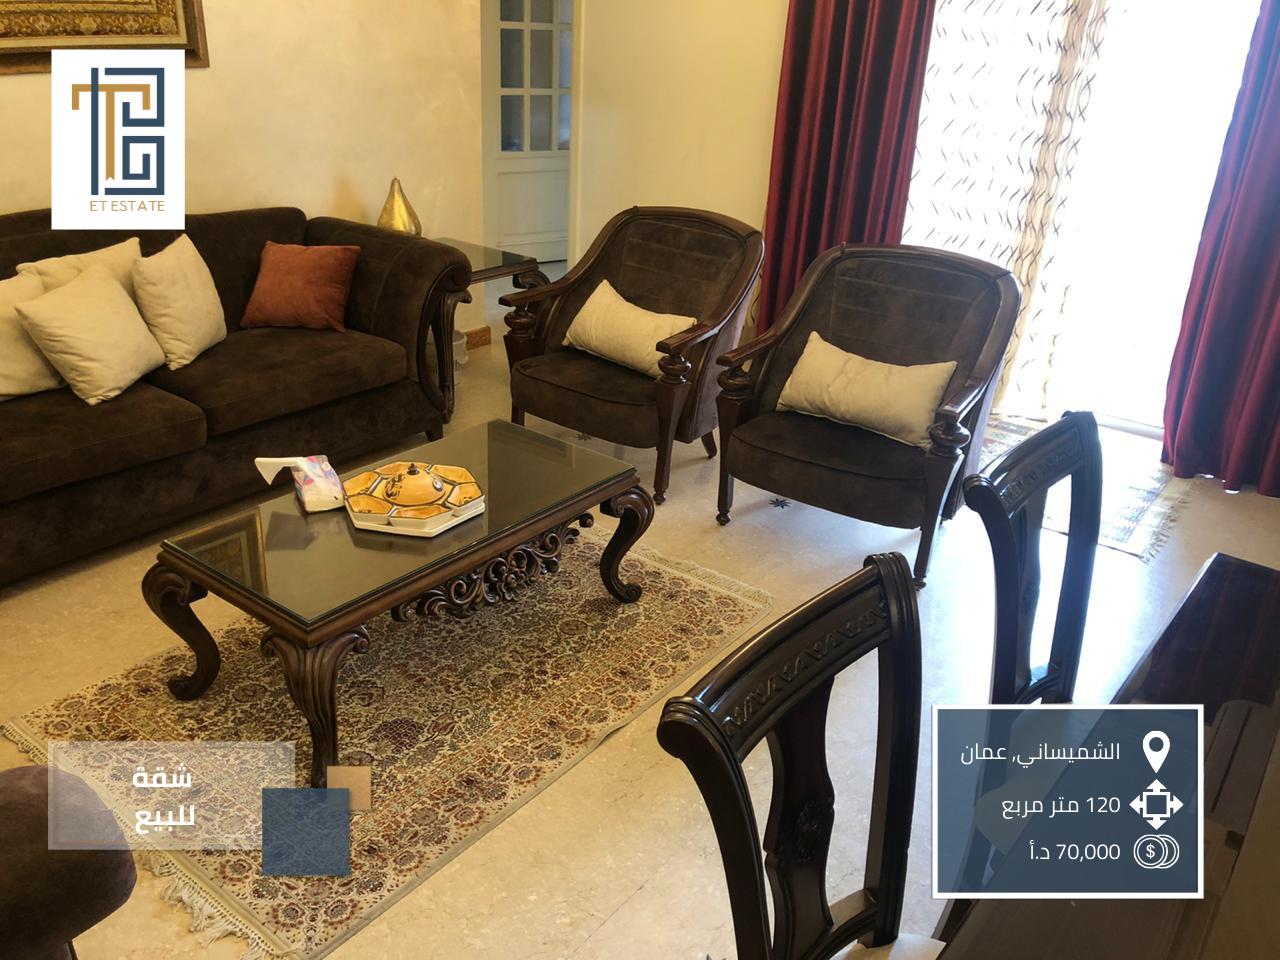 شقة للبيع في الشميساني في عمان